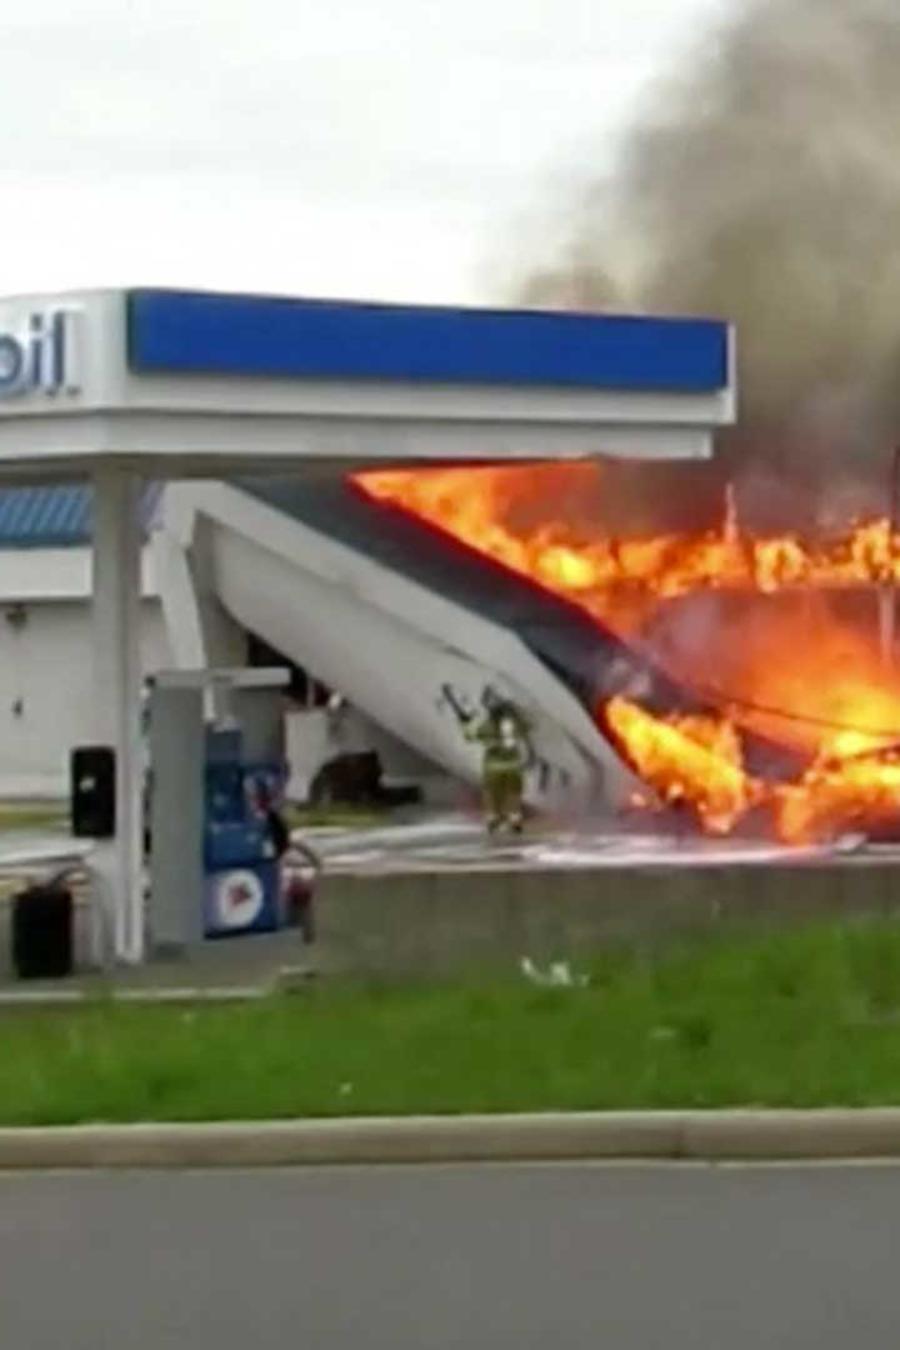 Un bombero es golpeado por parte del techo de una estación de gasolina que le cayó encima en Michigan